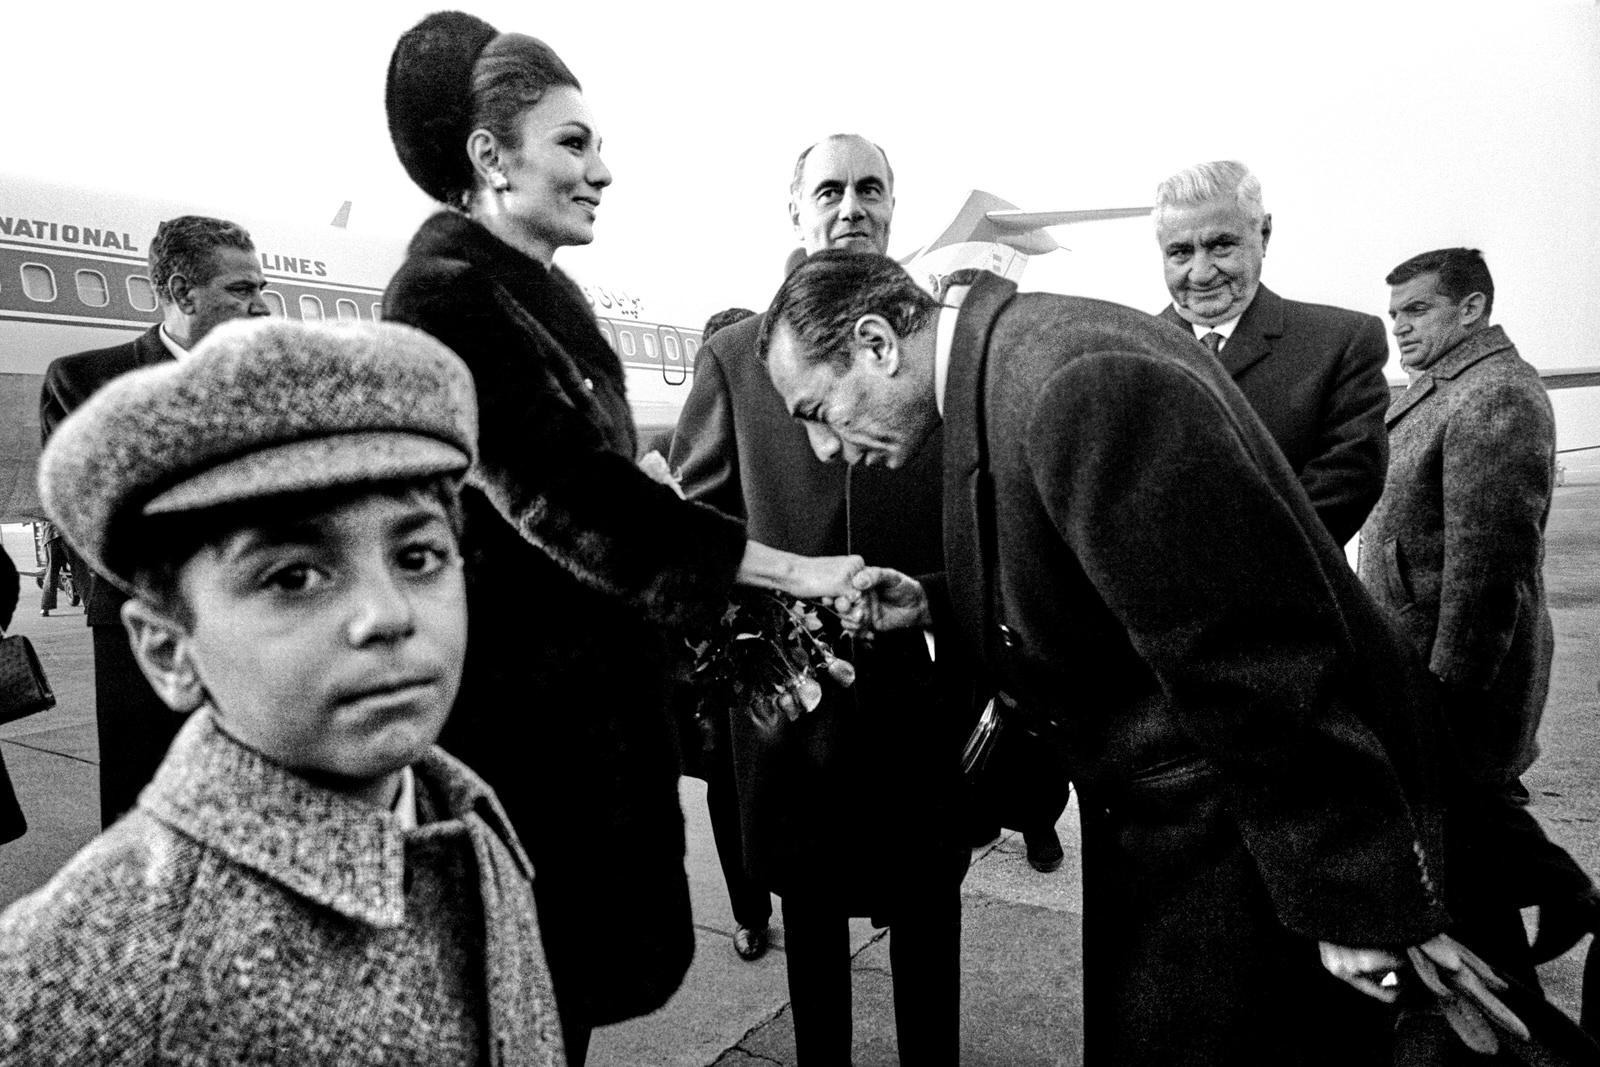 Persische Kaiserin Farah Diba Pahlavi besucht die Schweiz, Begrüssung in Kloten durch Bundesräte Hans-Peter Tschudi, Ernst Brugger, Rudolf Gnägi, vorne Prinz Ali Reza, Kloten 1975